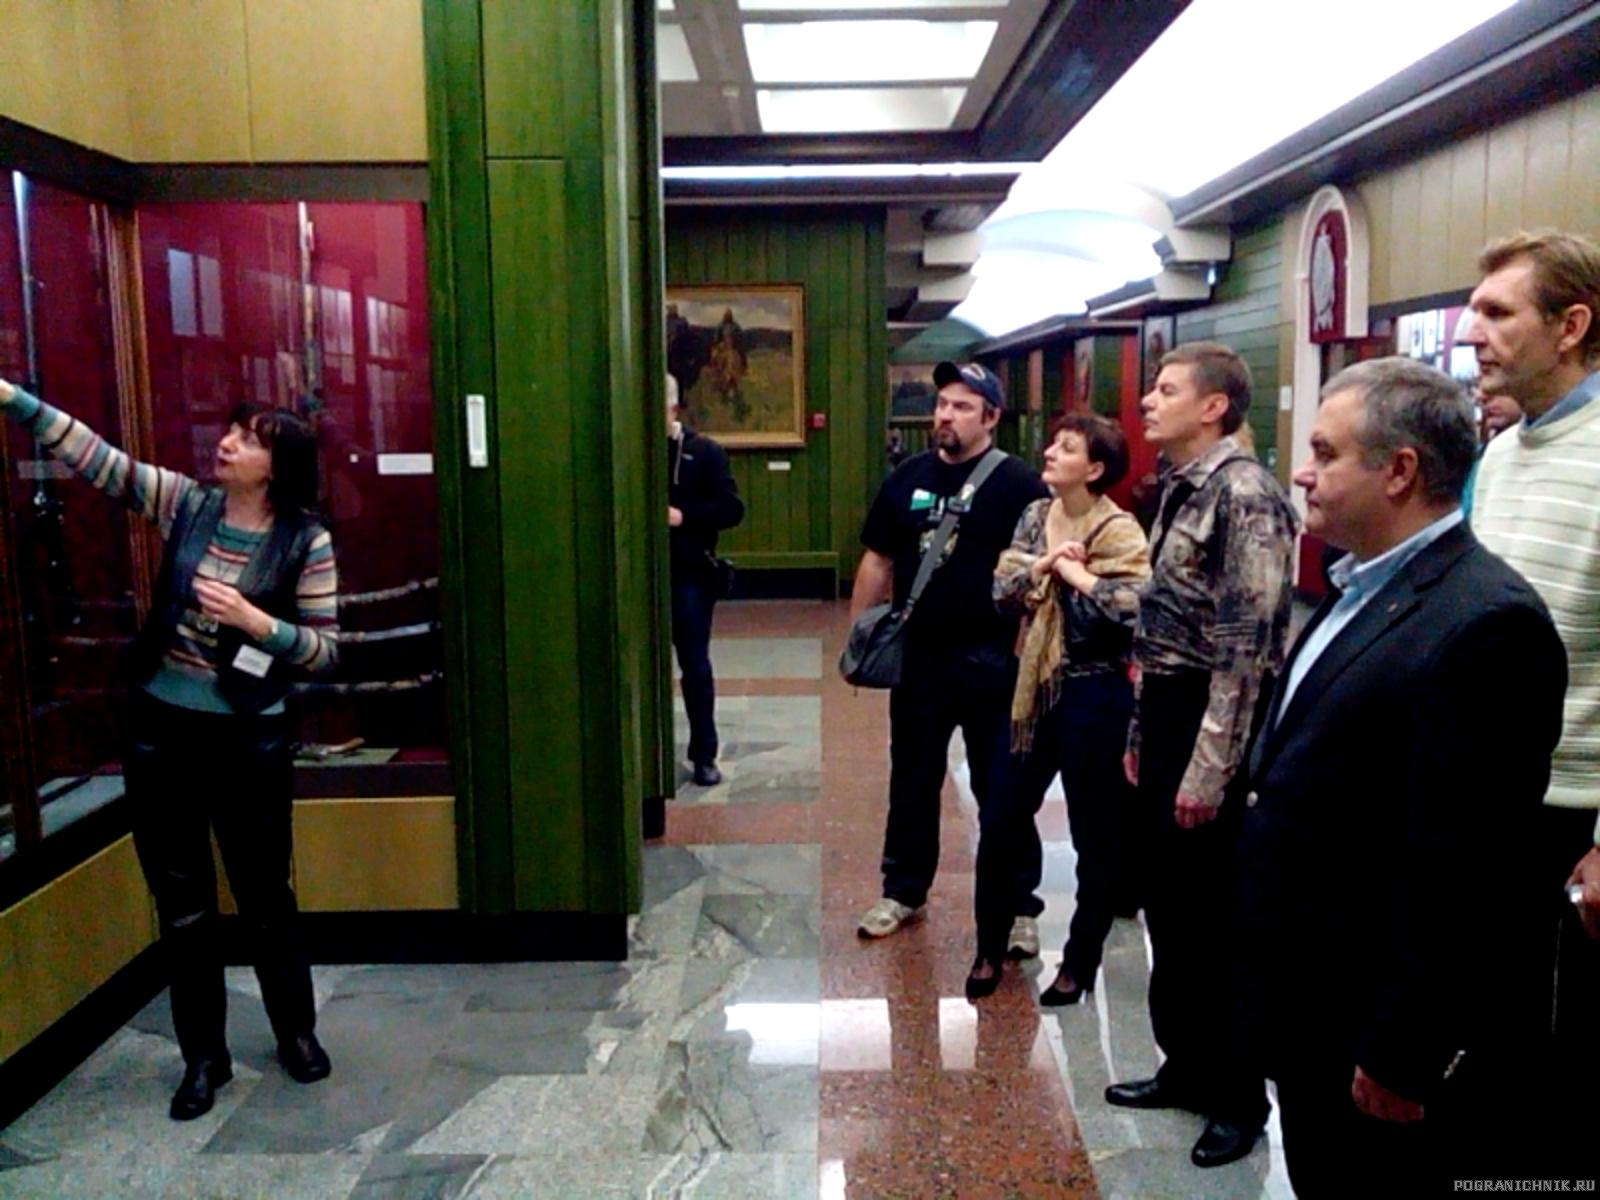 Экскурсия в Музее.